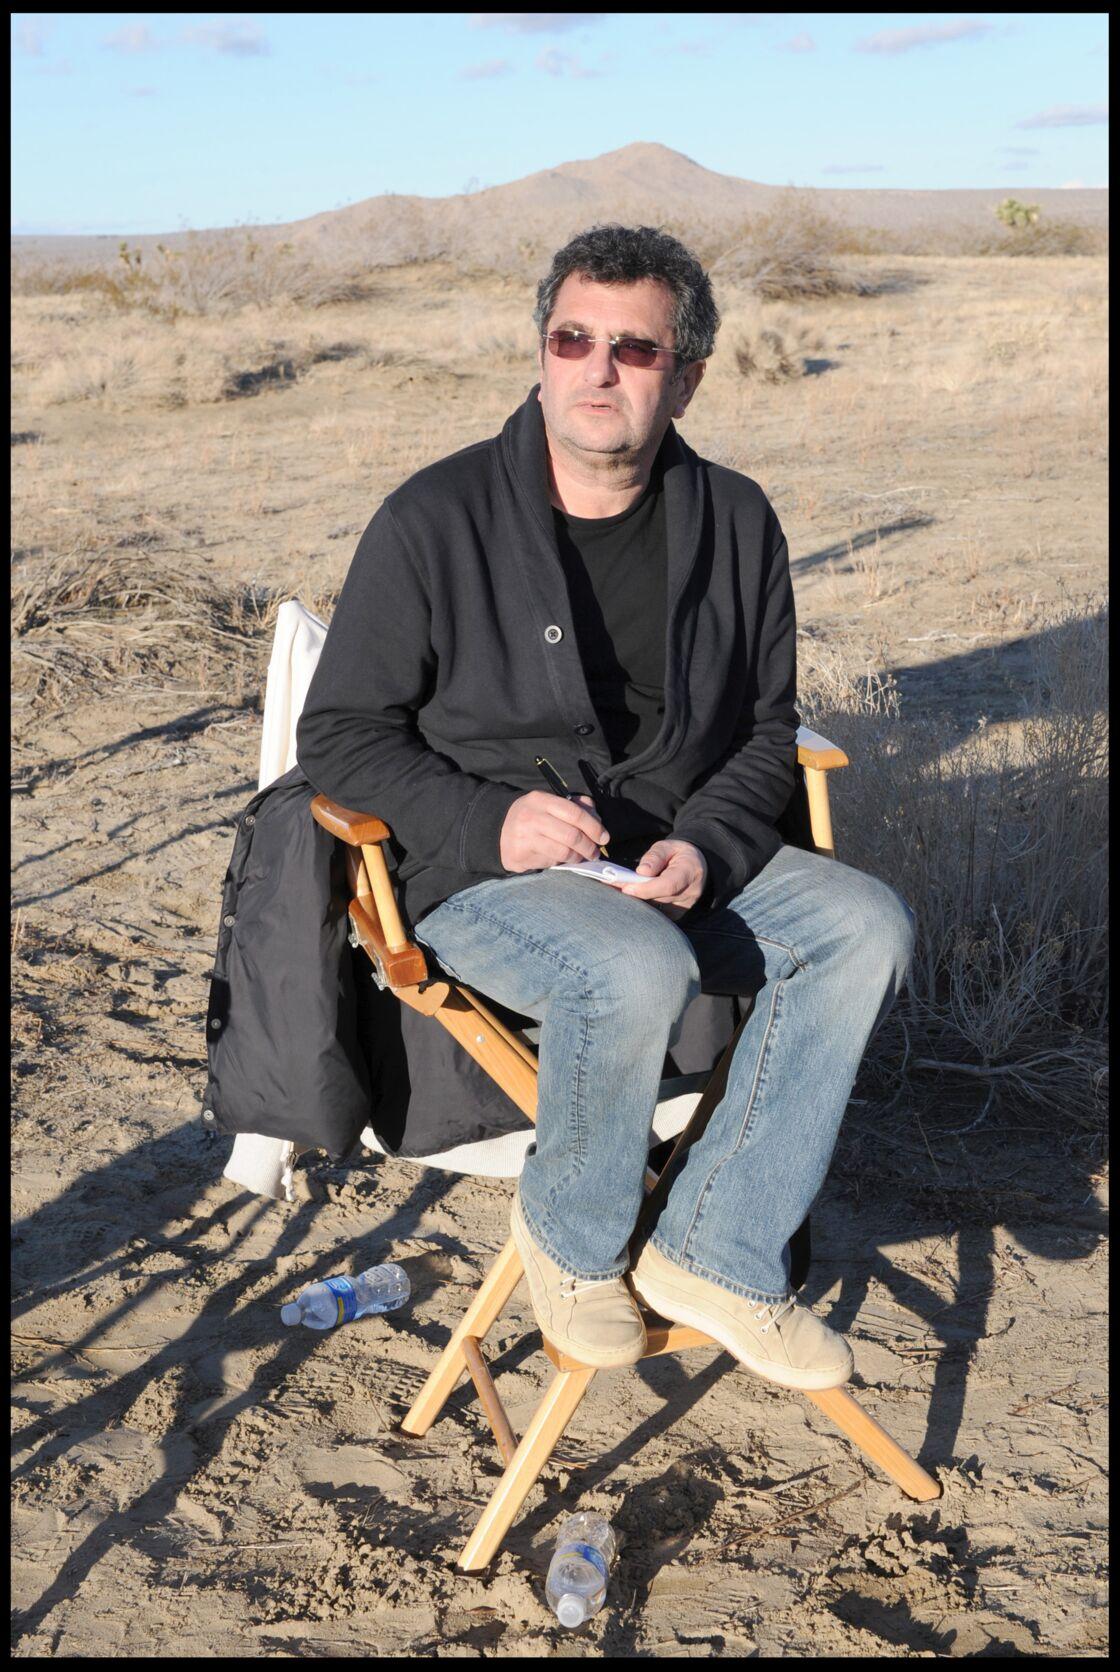 Michel Jankielewicz, sur le tournage de la publicité Optic 2000 mettant en scène Johnny dans le désert du Mojave, en 2010.